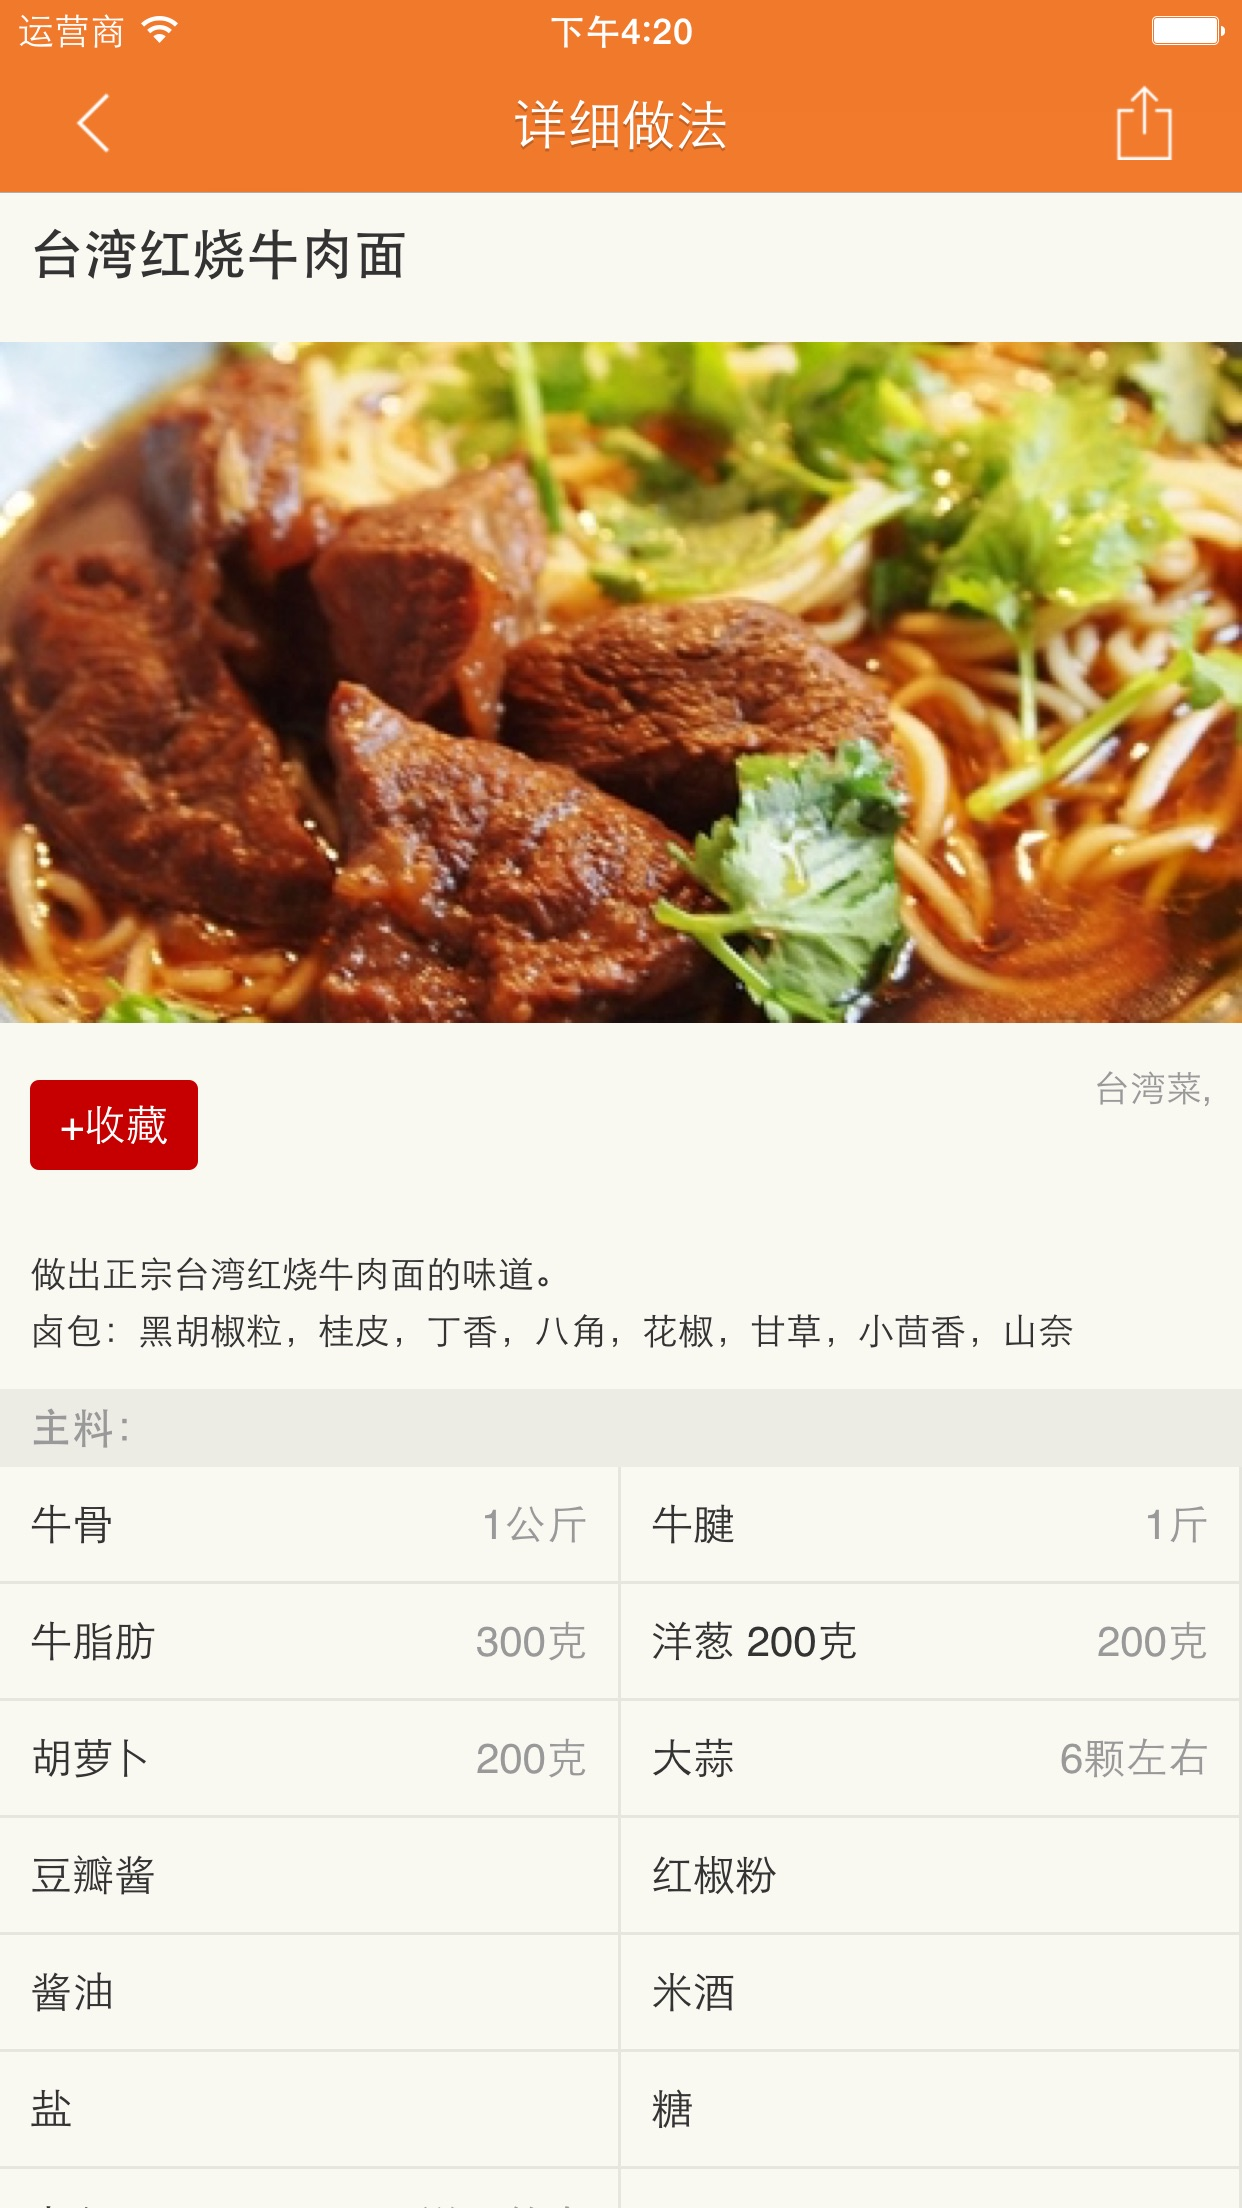 台湾美食菜谱大全 Screenshot